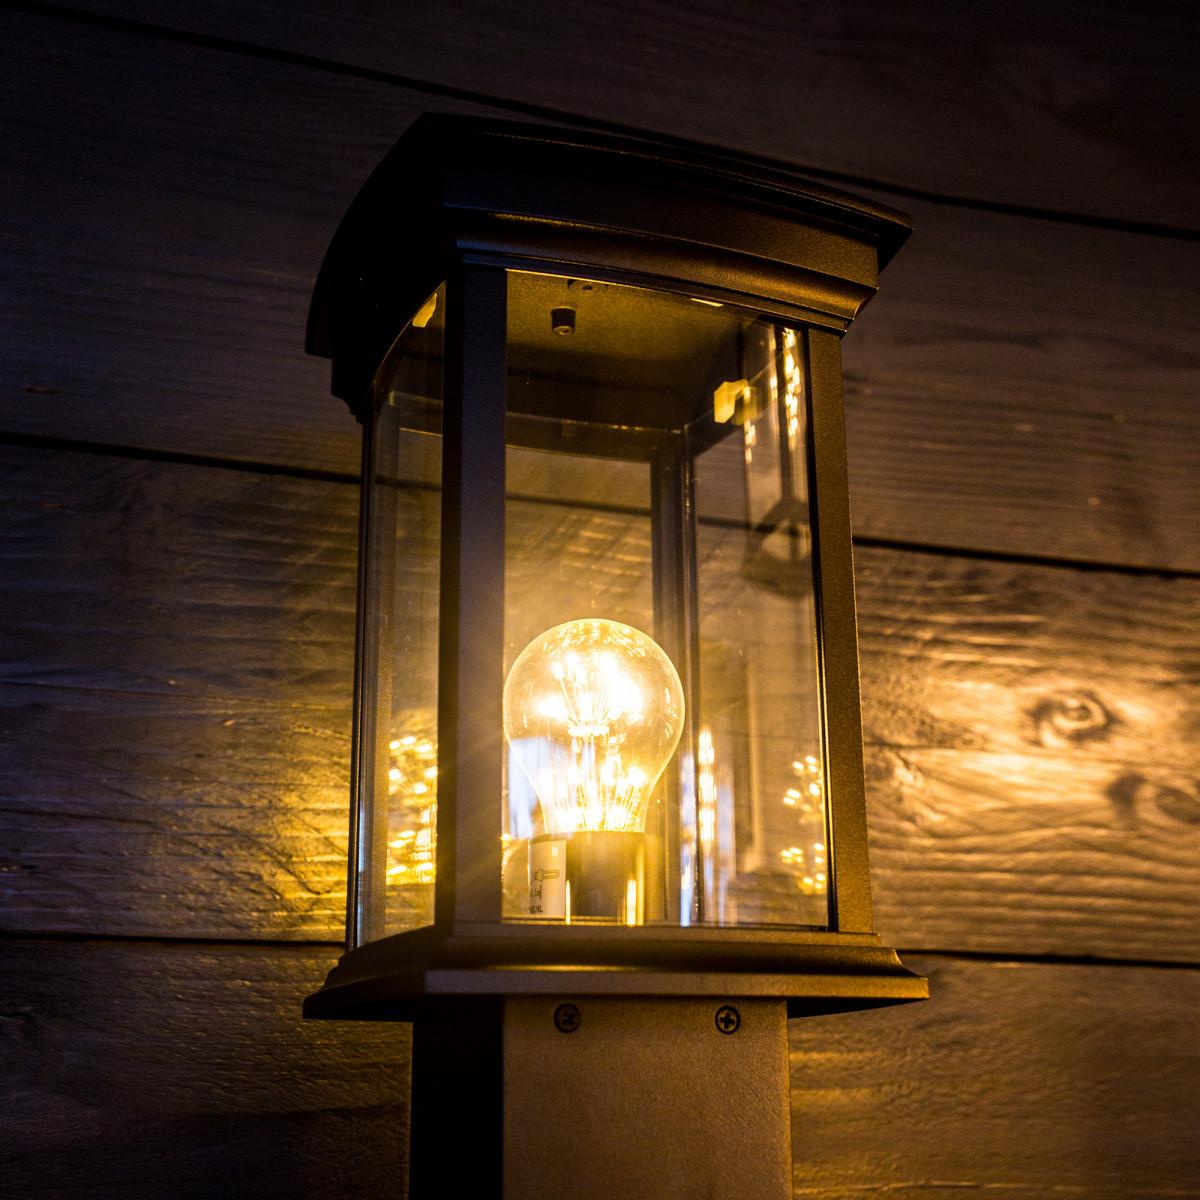 Tuinlamp Carlton, terraslantaarn 80cm hoog, stijlvol modern klassieke tuinverlichting, heldere beglazing, E 27 lampvoet, zwarte poedercoating